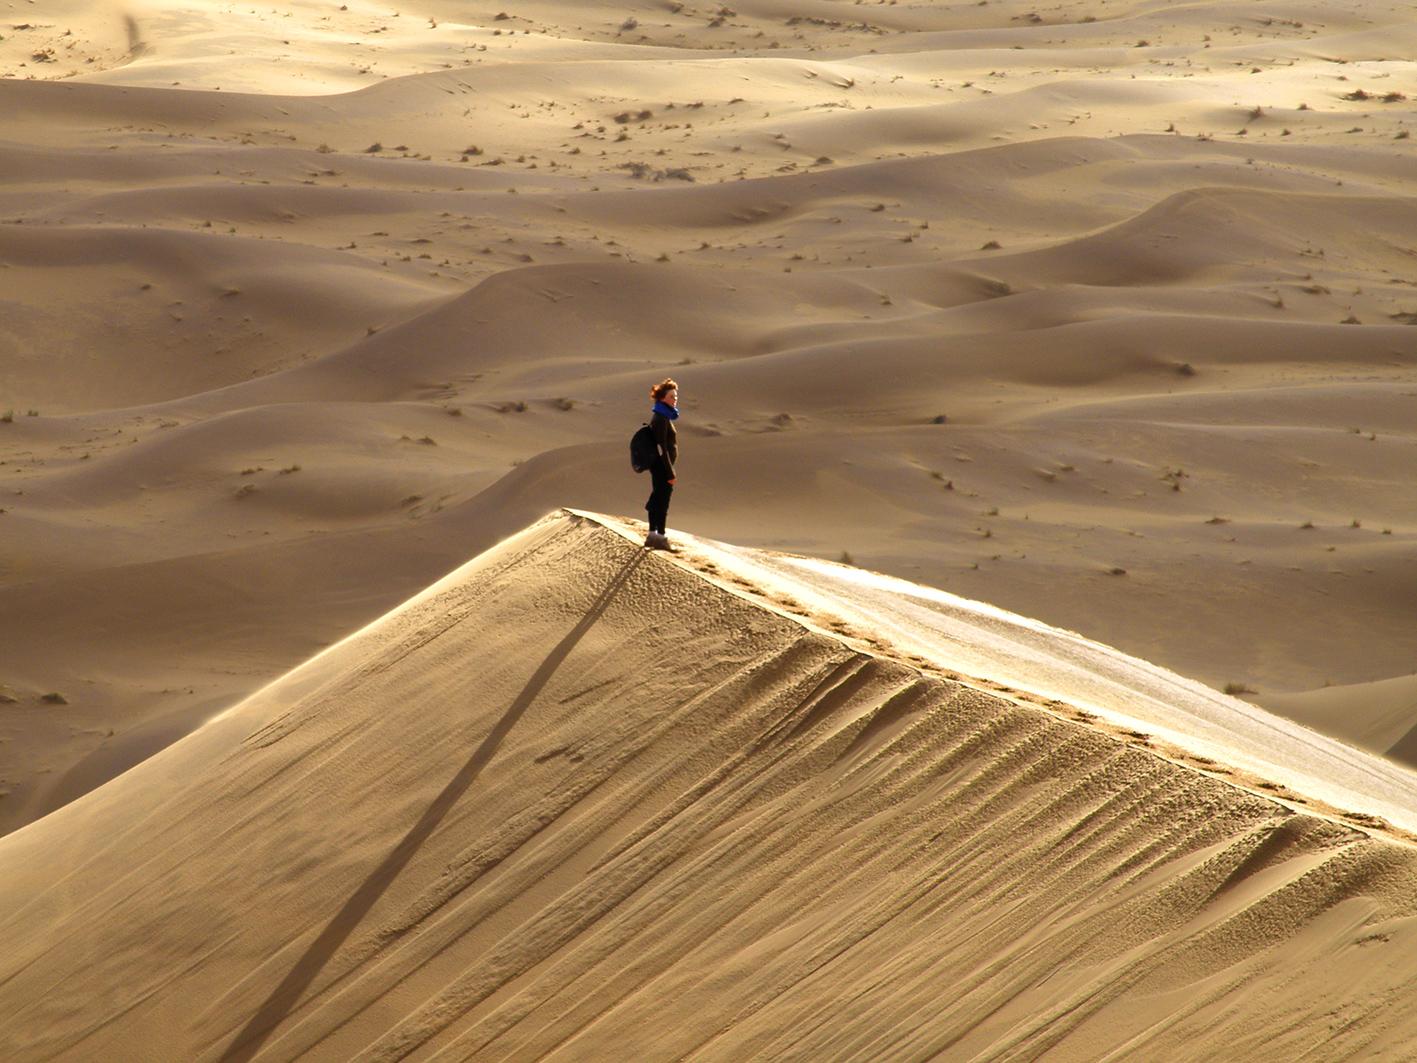 voyage desert